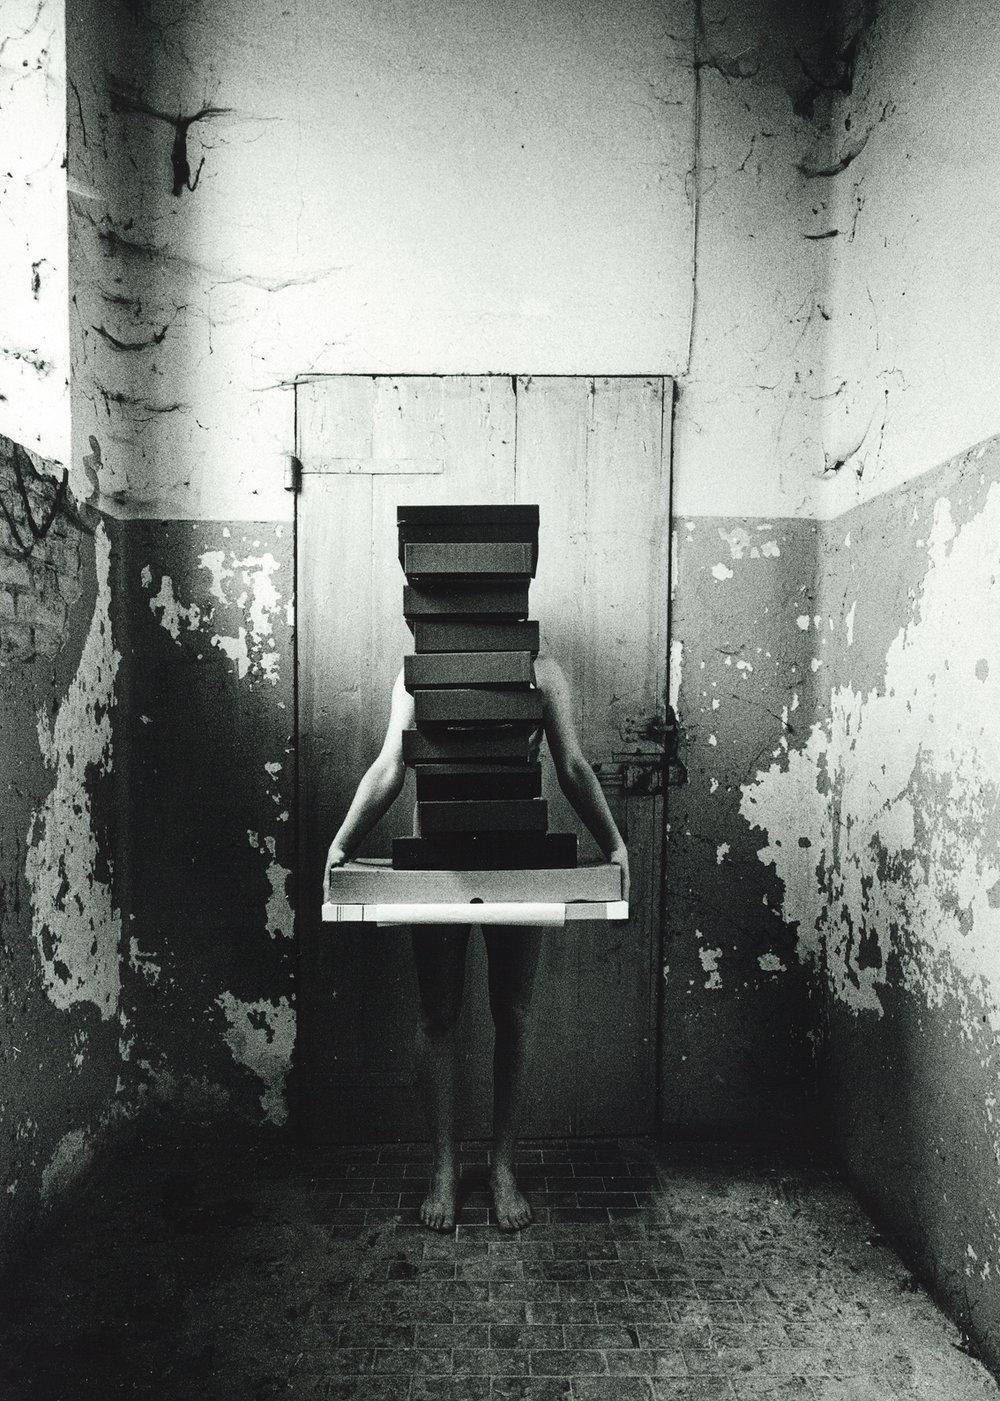 la ragazza in scatola ( 1 - sx ) 300dpi.jpg